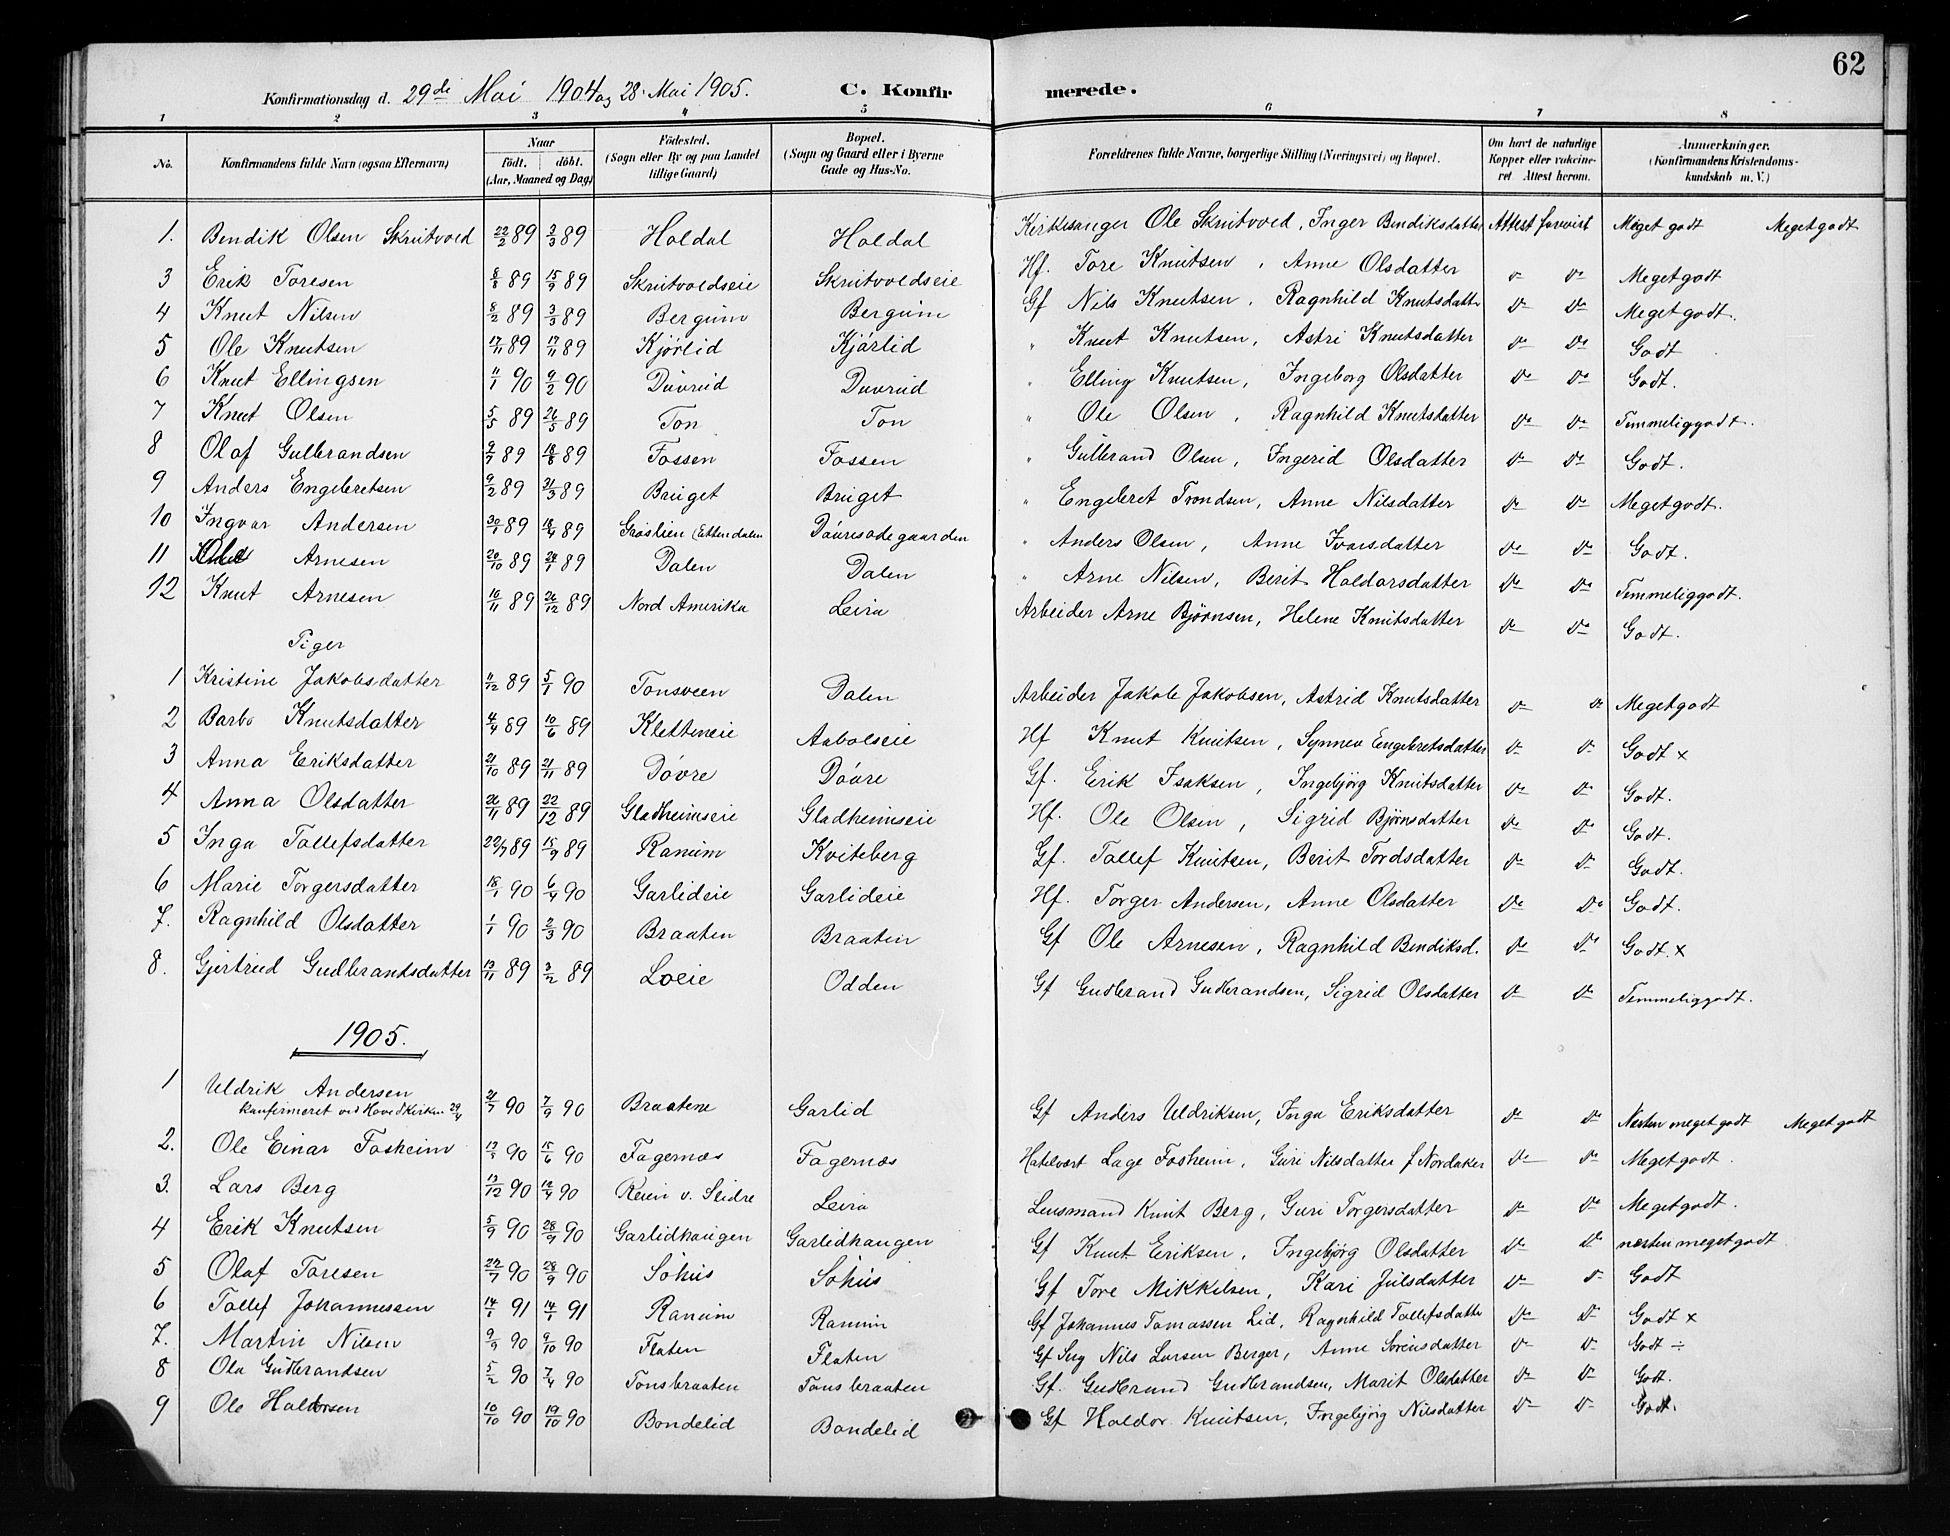 SAH, Nord-Aurdal prestekontor, Klokkerbok nr. 11, 1897-1918, s. 62